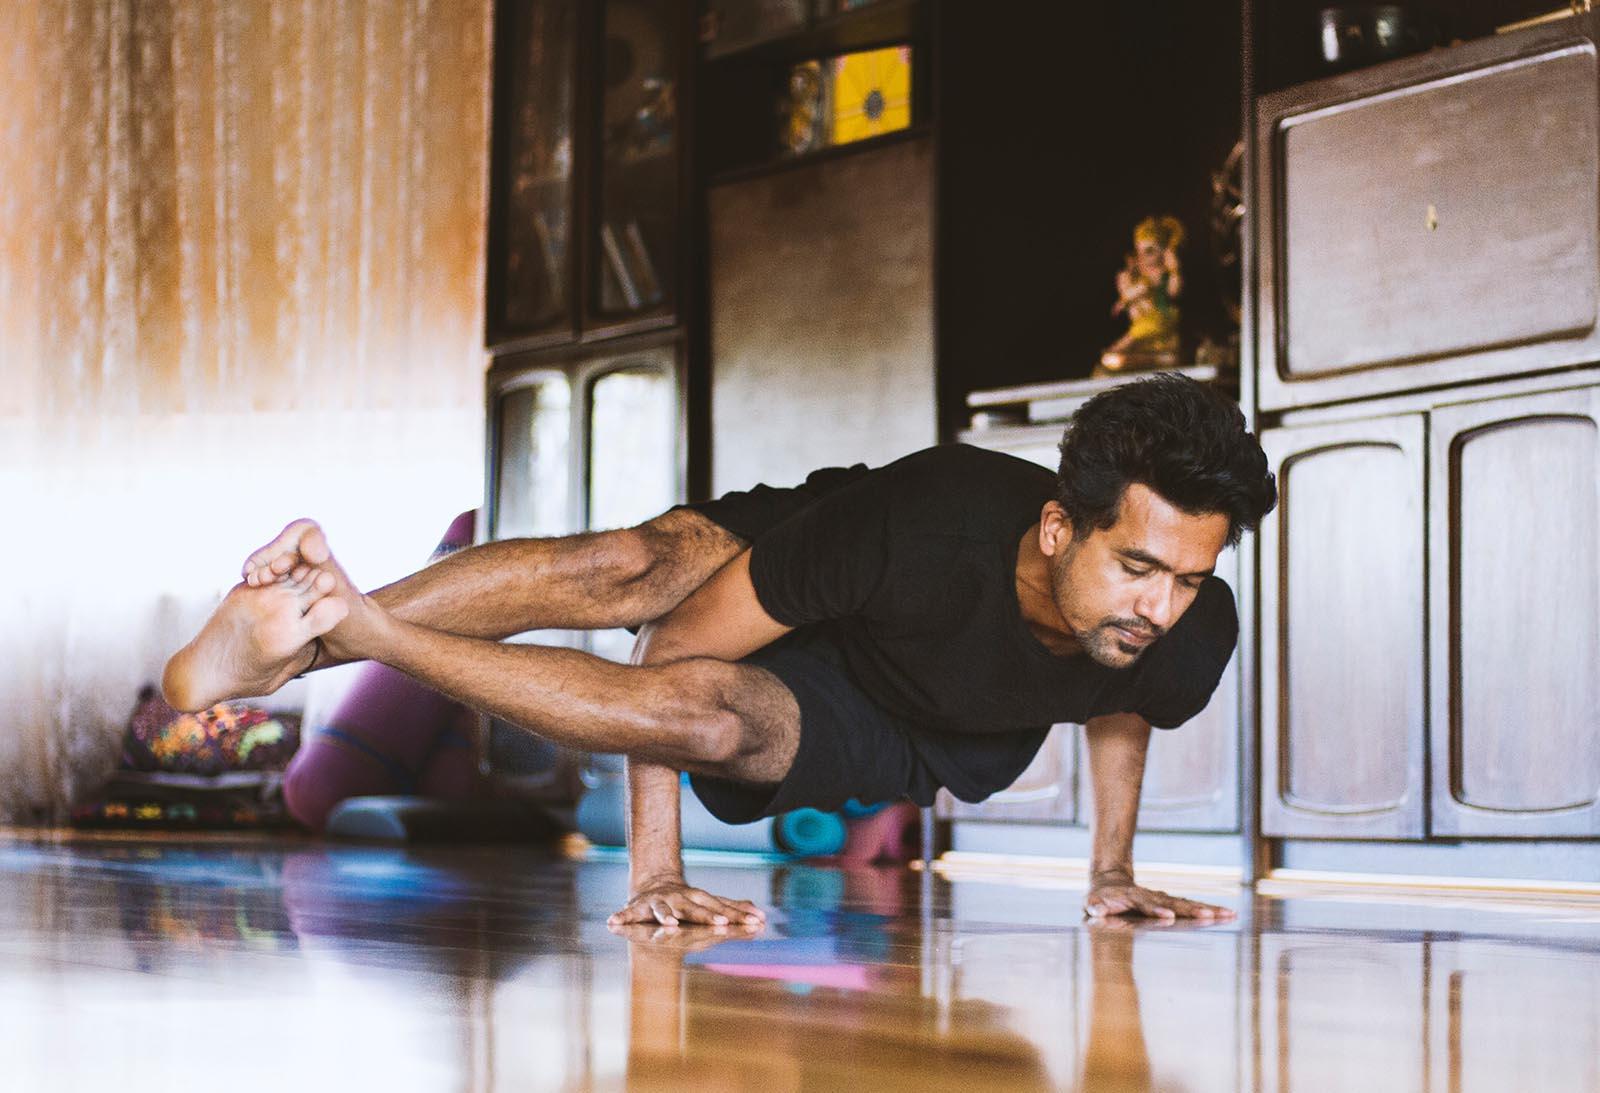 Lebenlanges lernen bedeutet auch körperliche Fähigkeiten weiterzuentwickeln